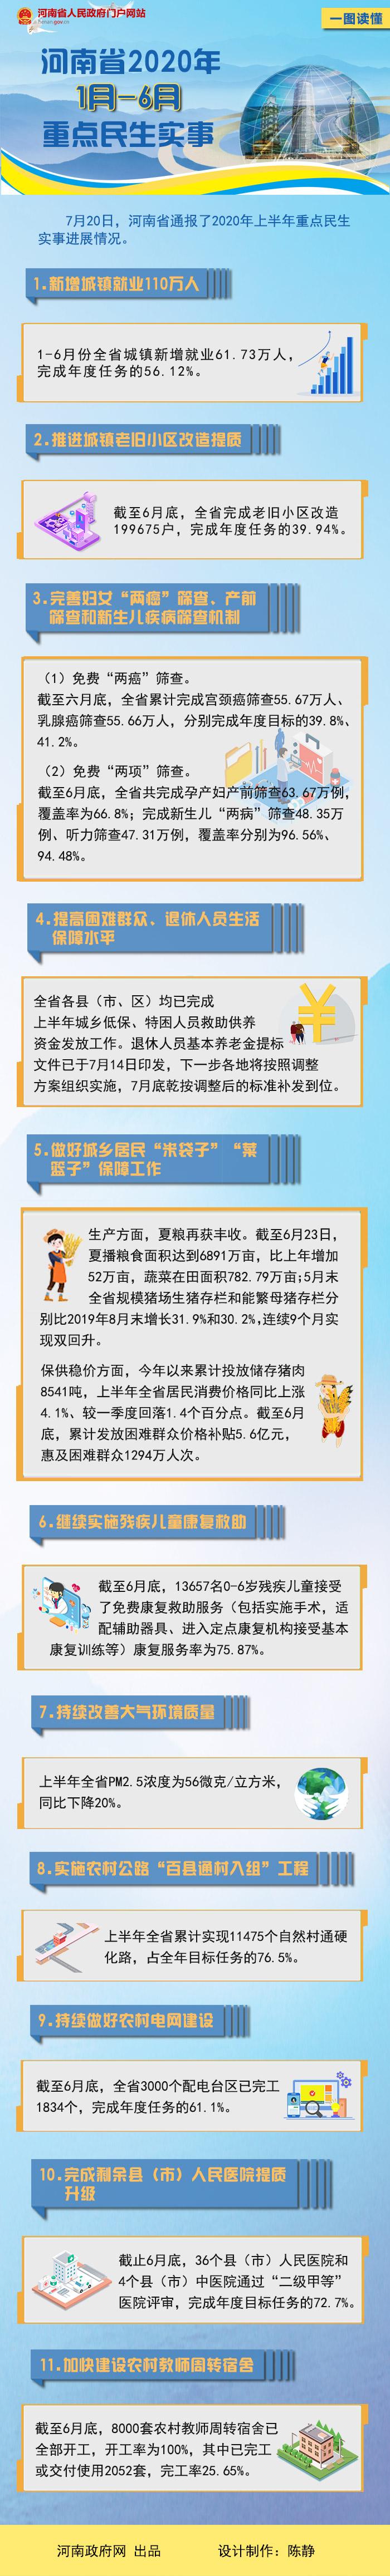 一图读懂:河南省2020年1月-6月重点民生实事